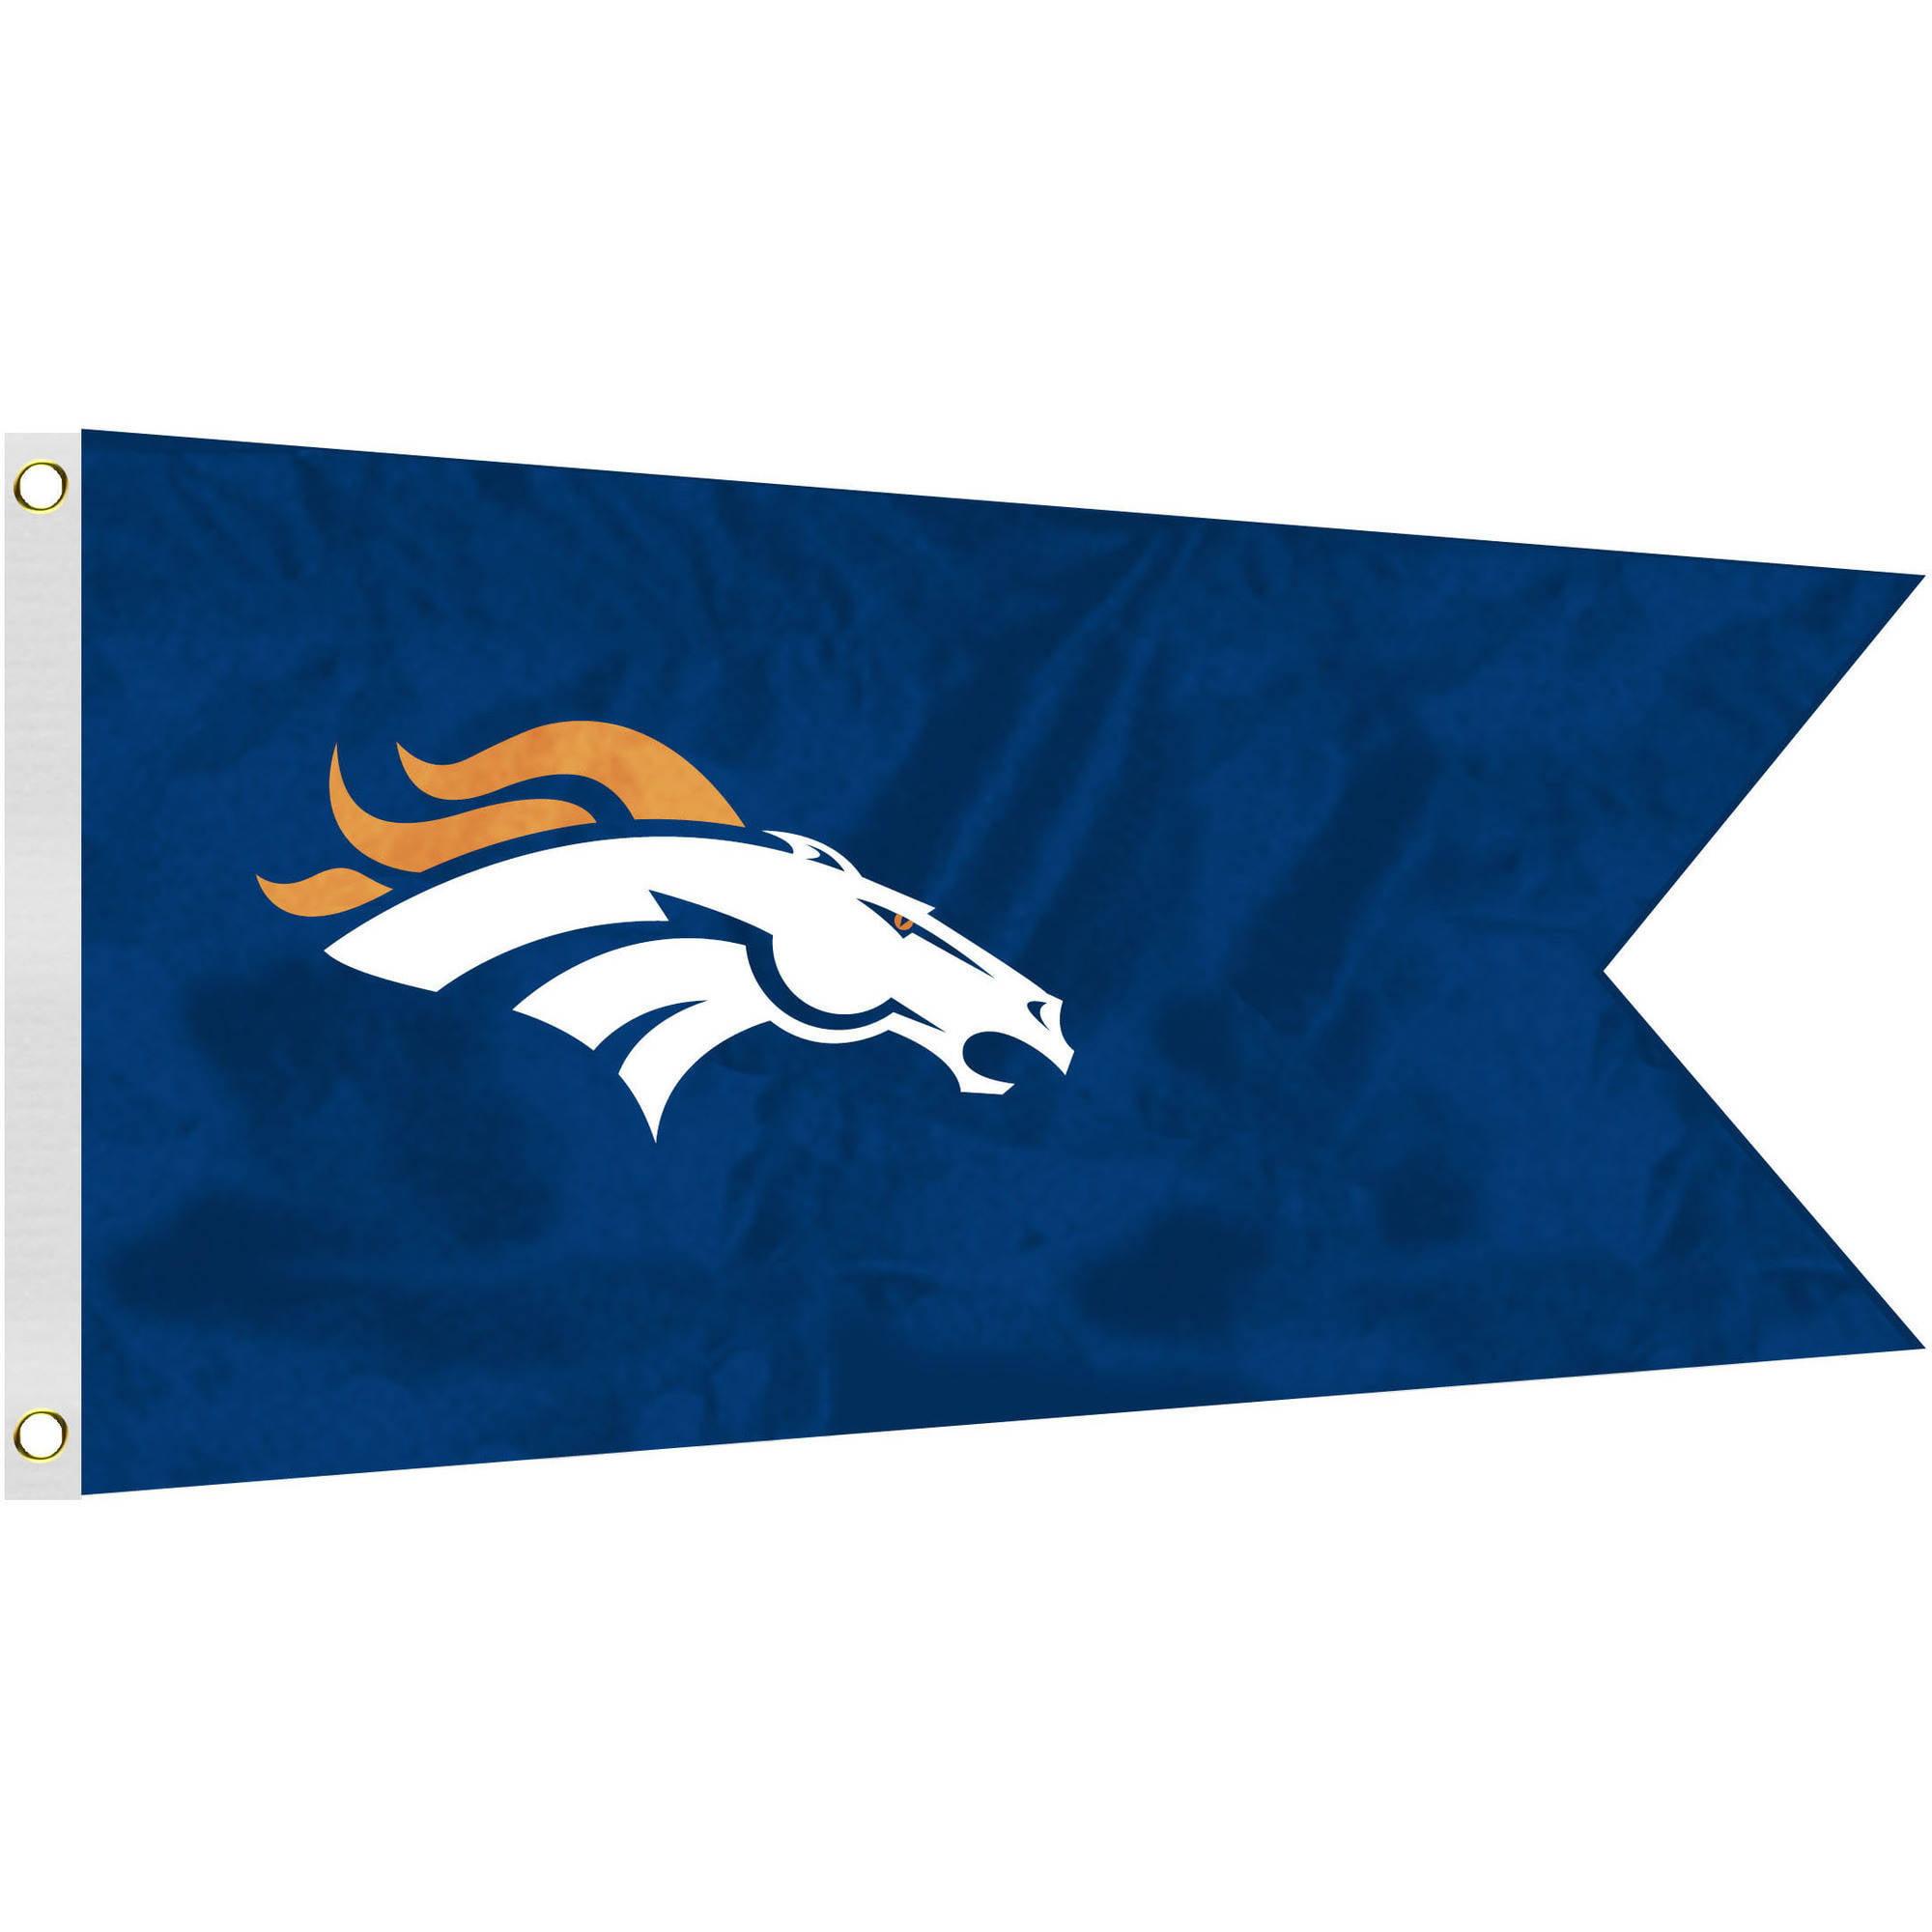 NFL Denver Broncos Boat Flag